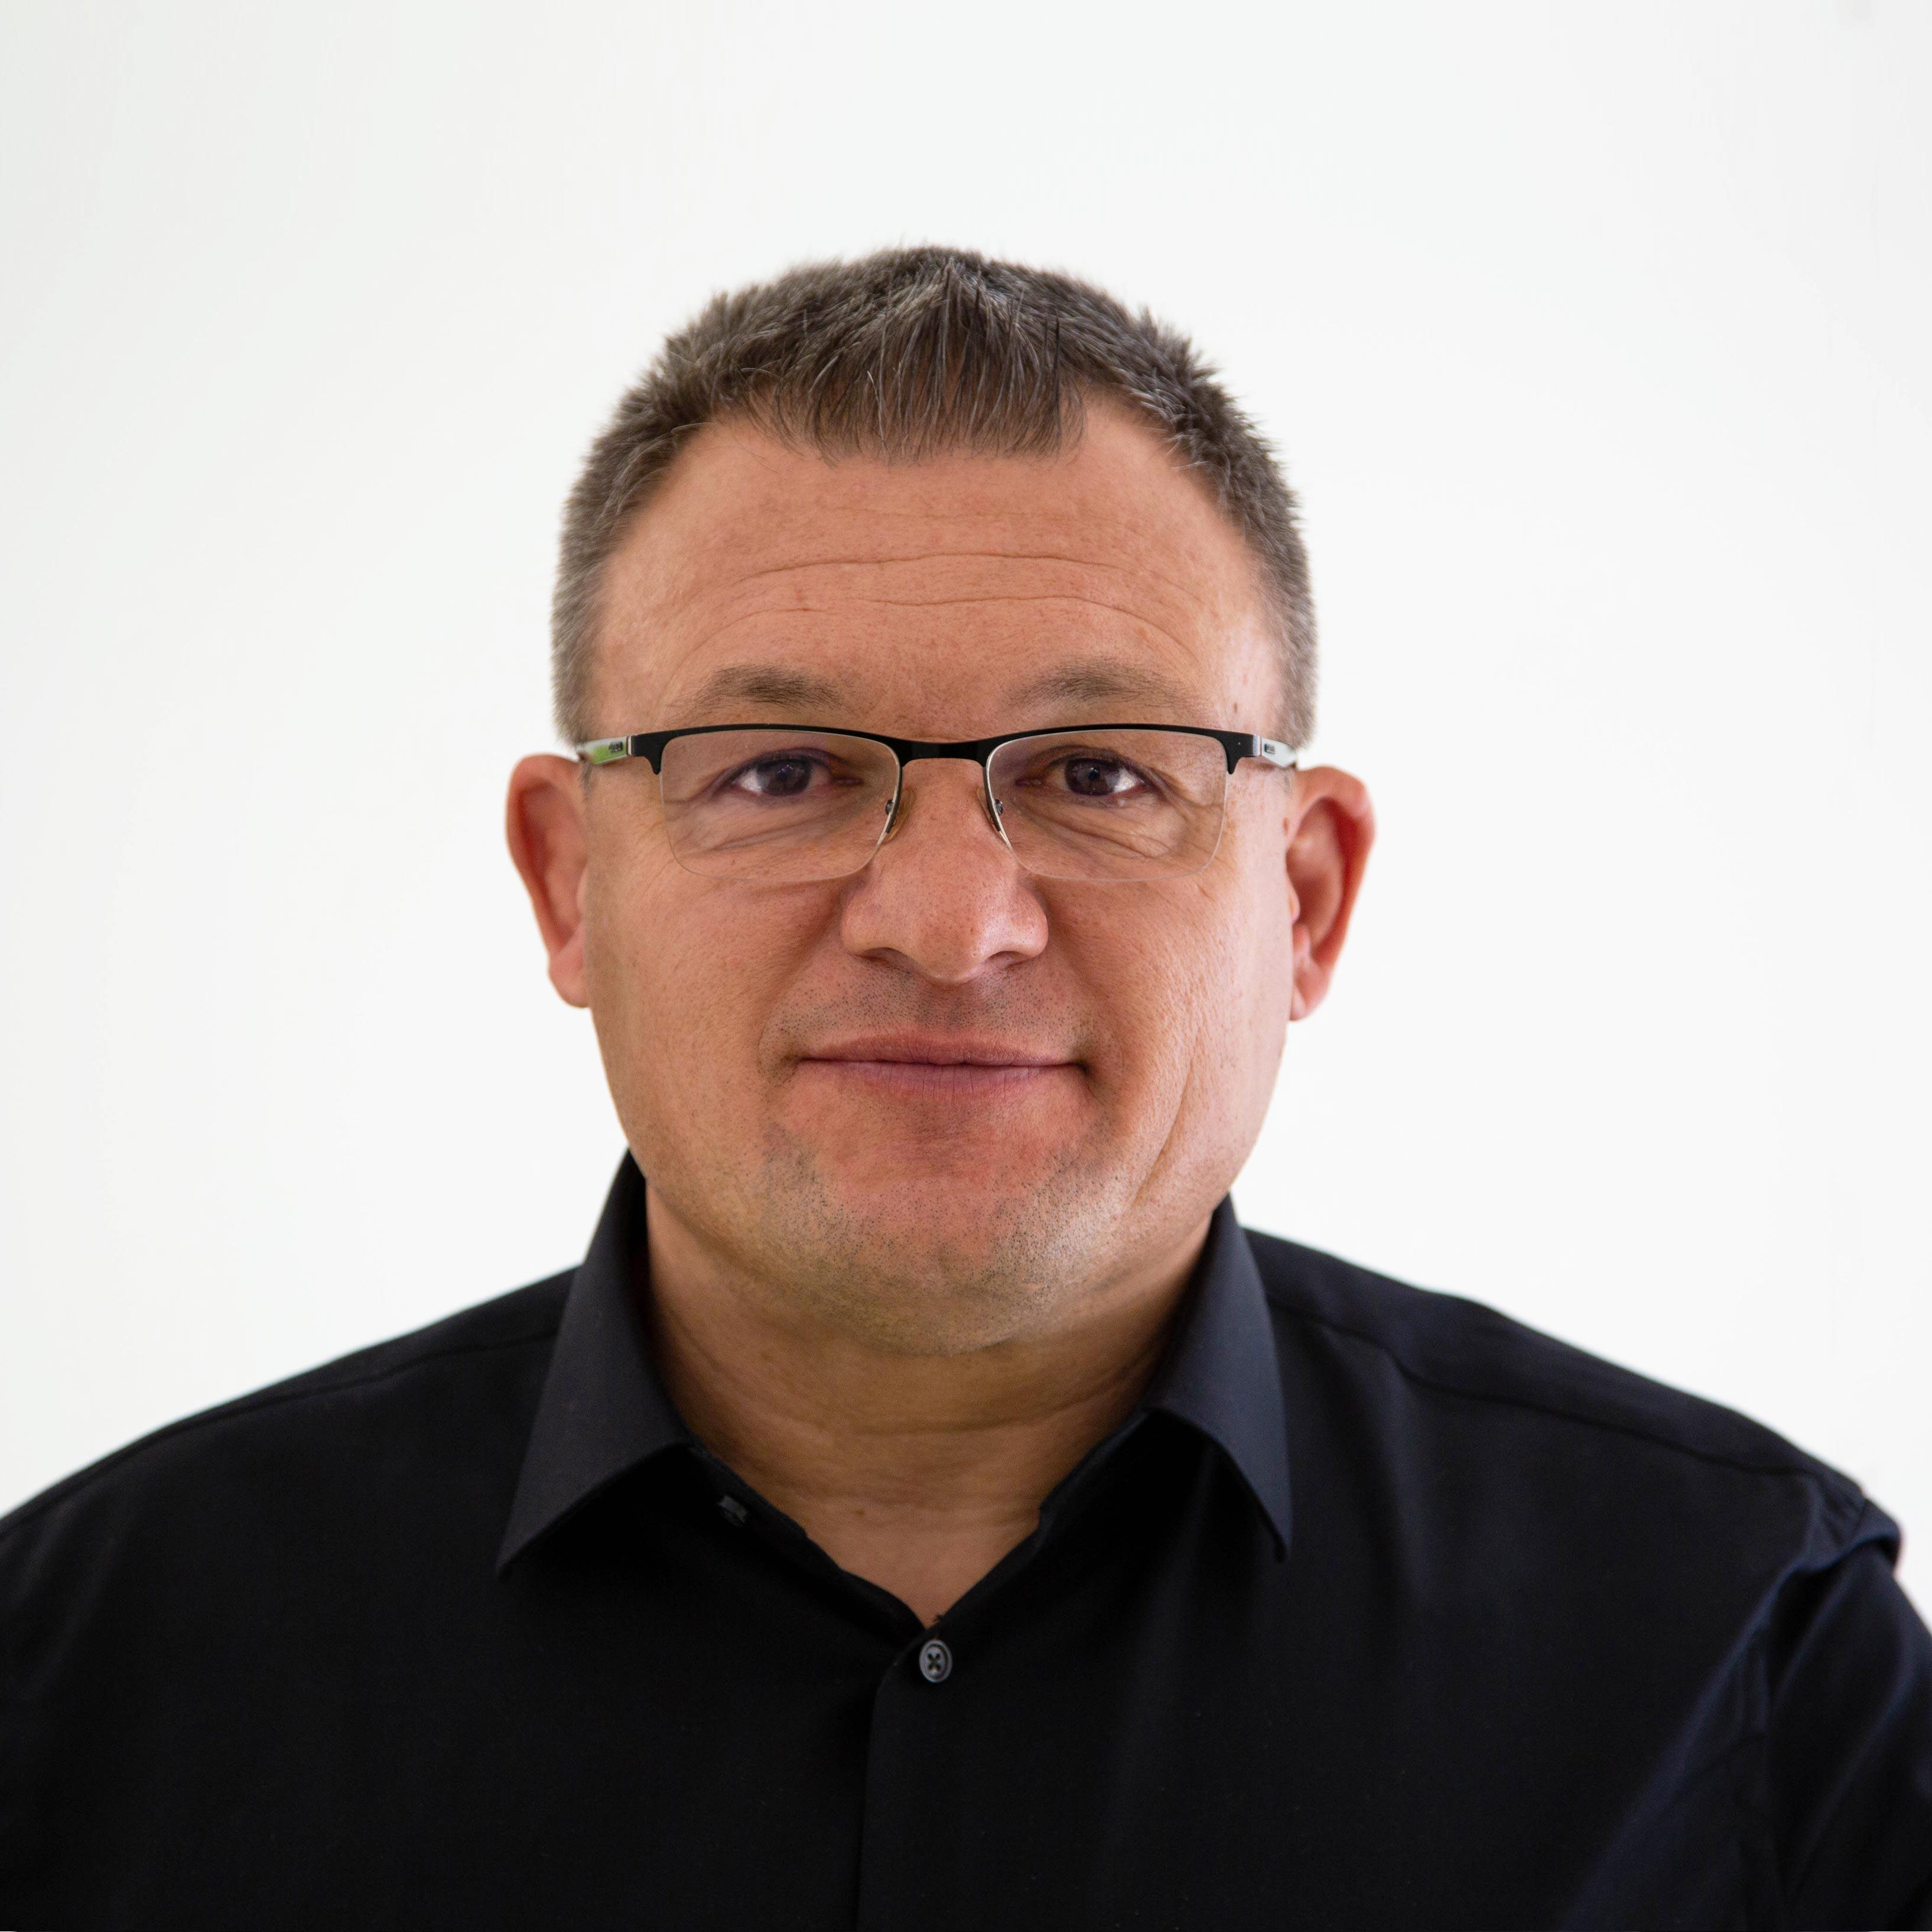 Ulrich Schinhan